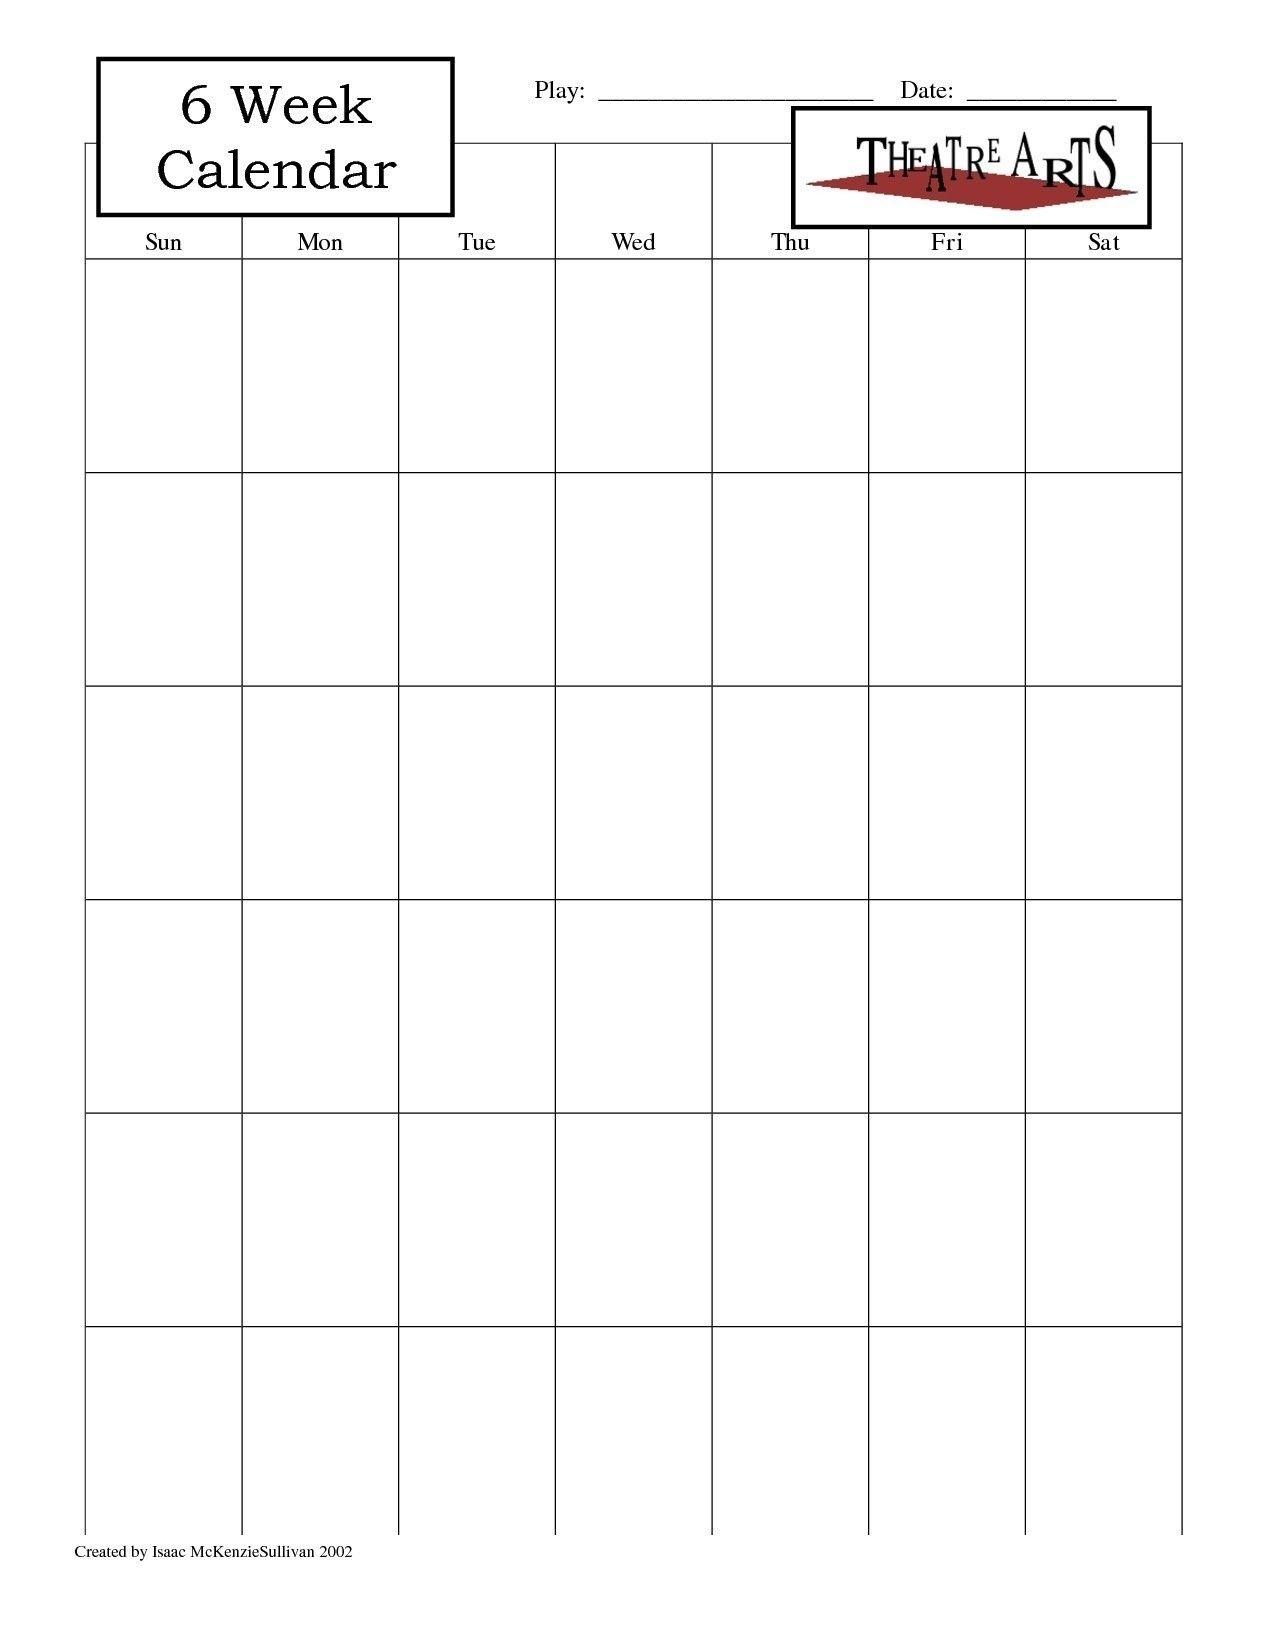 Get 6 Week Blank Schedule Printable